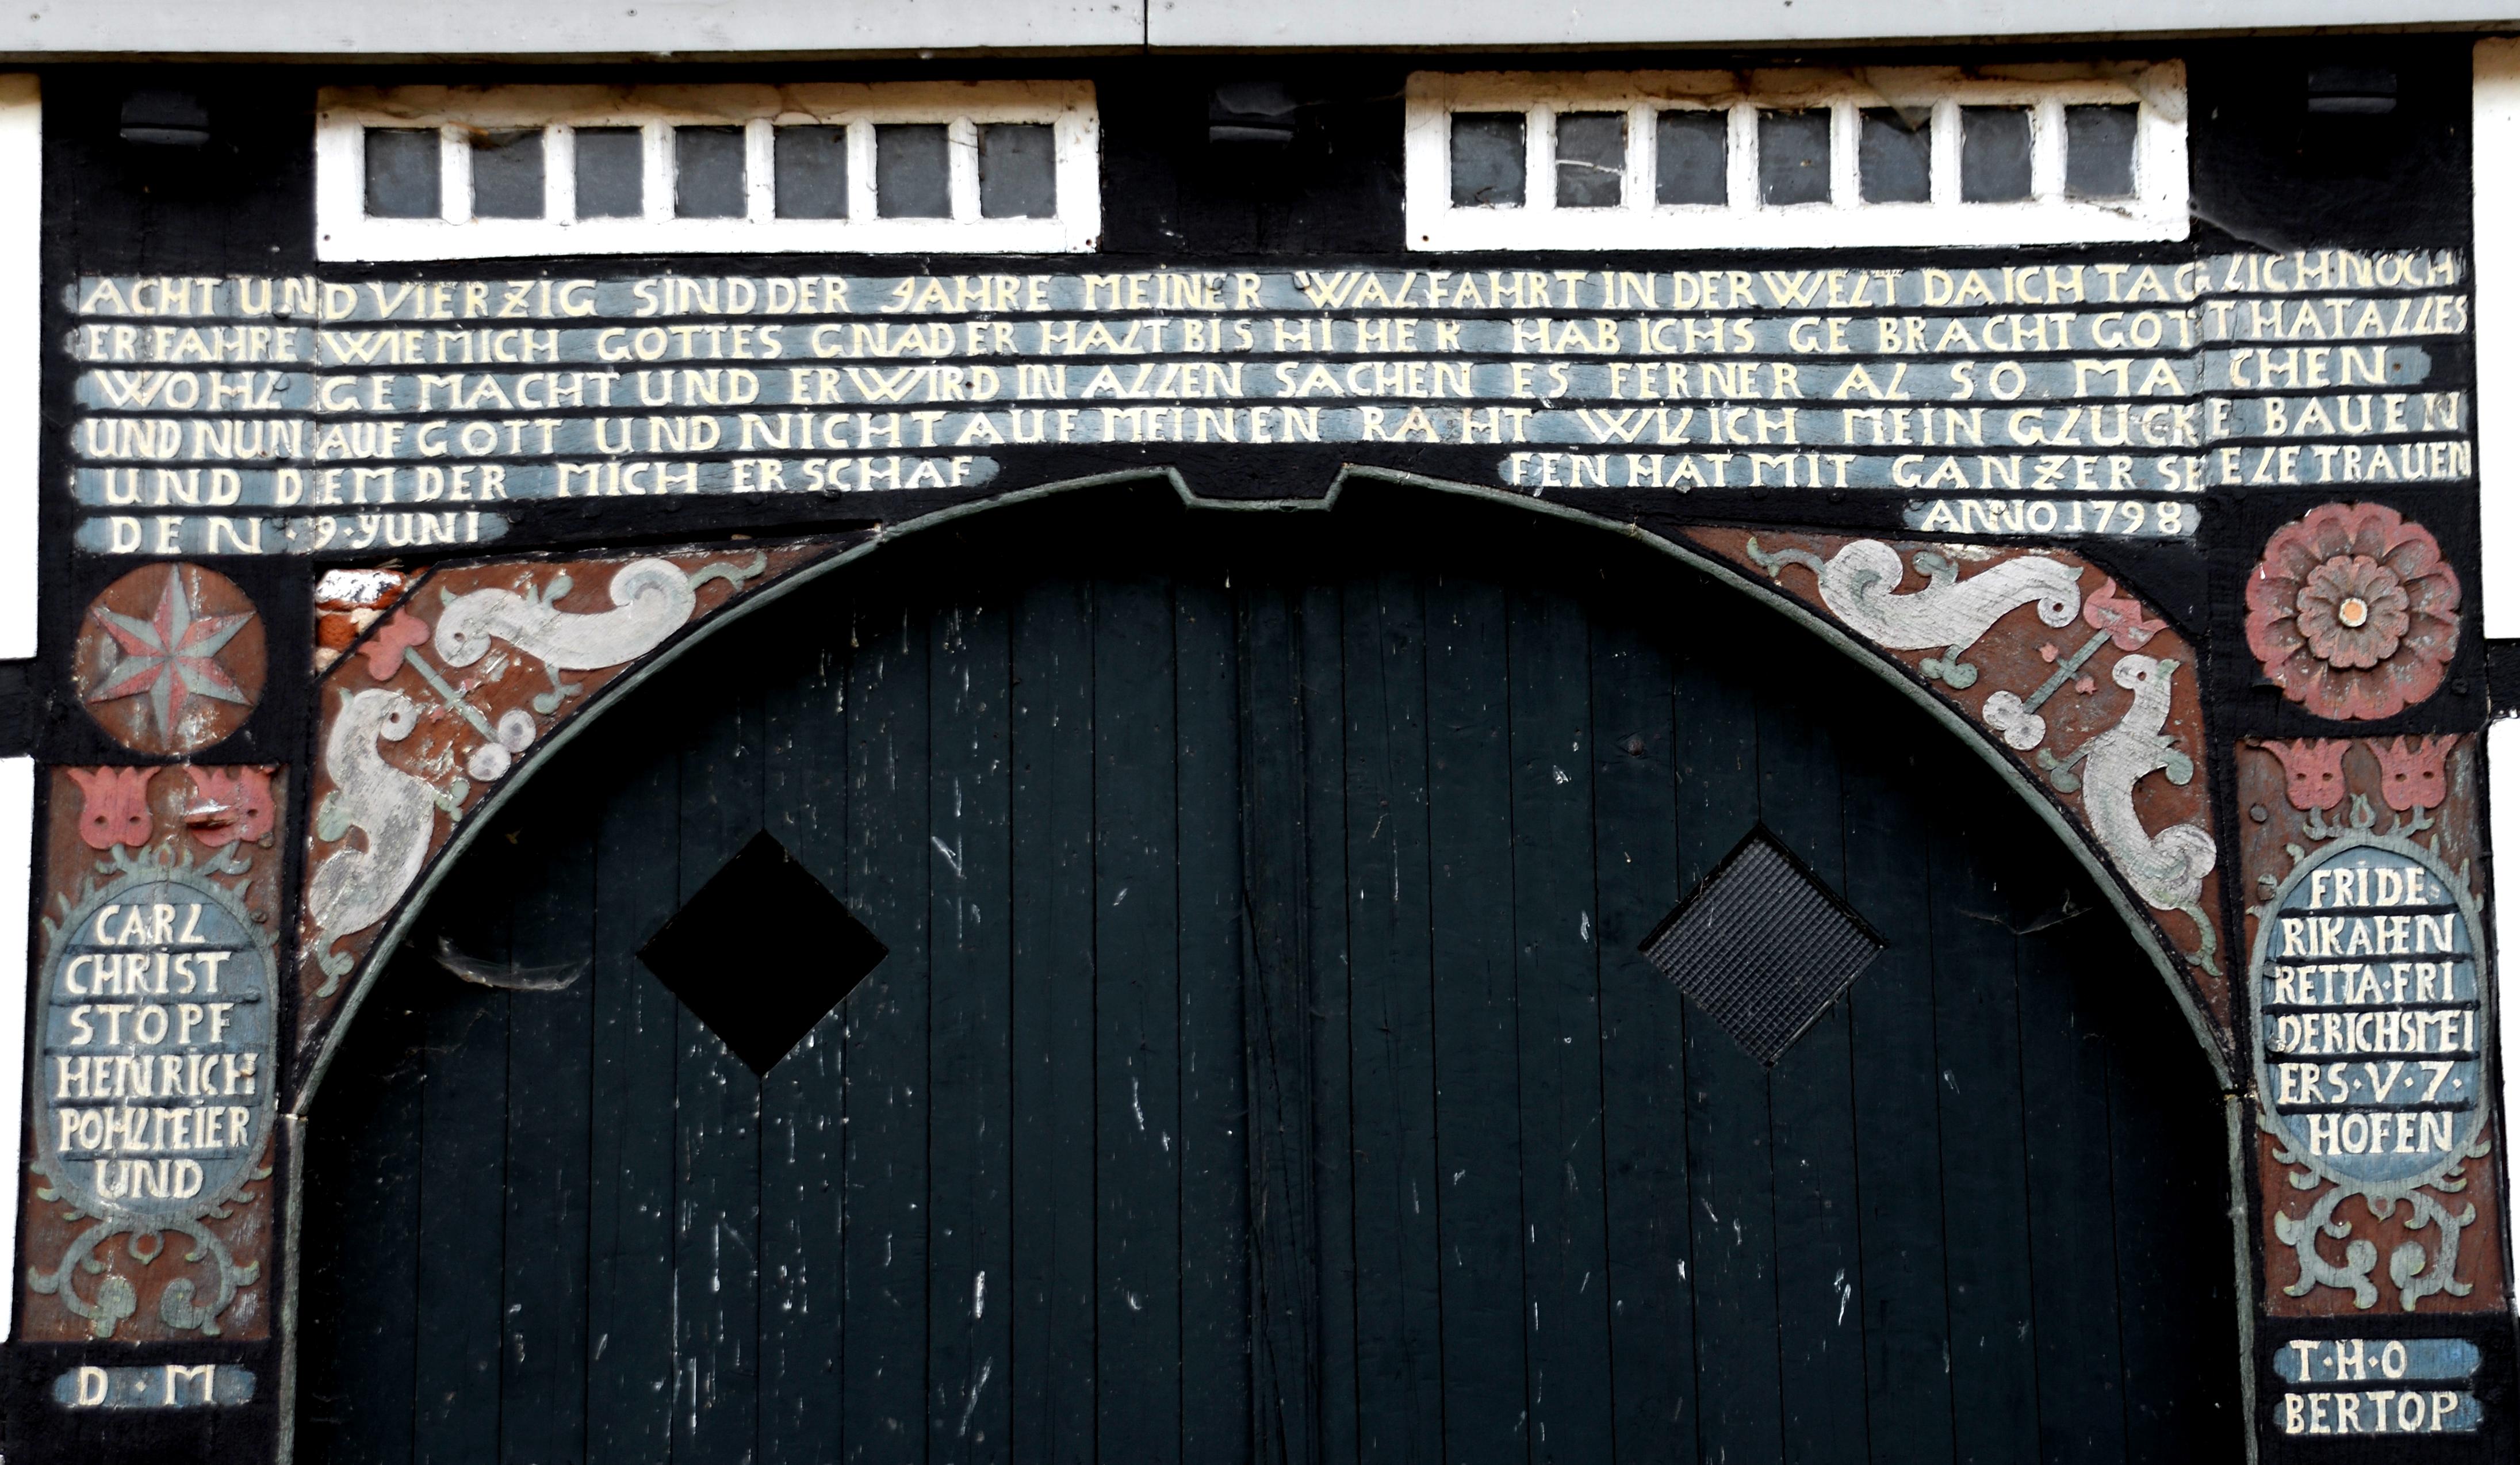 File:Torbogen des Radkehofs nahe Blomberg.jpg - Wikimedia Commons